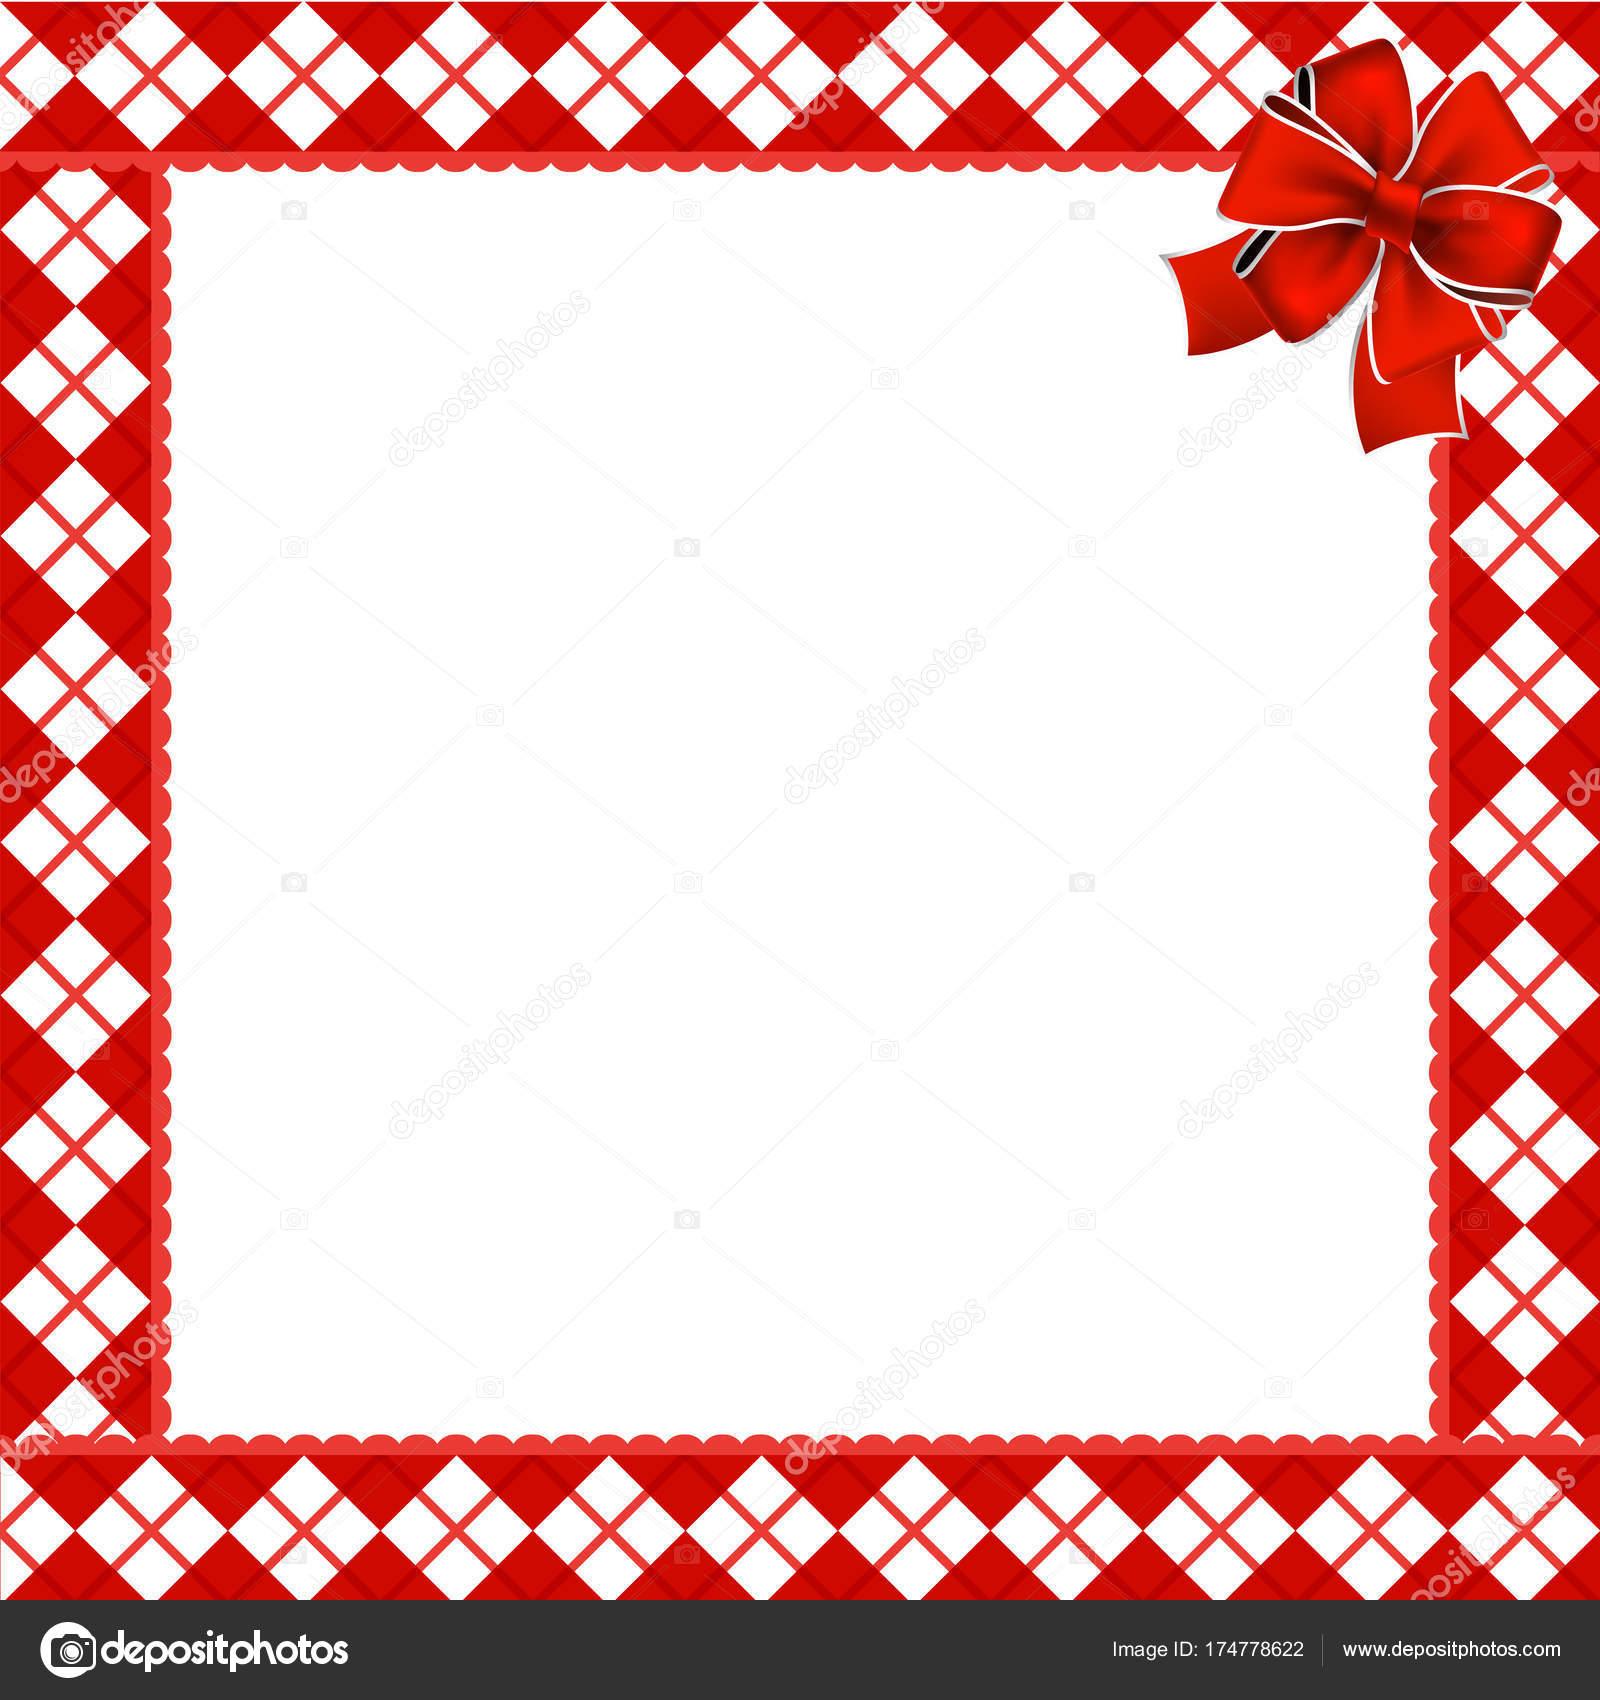 Lindo marco de Navidad o año nuevo con patt diamante rojo y blanco ...